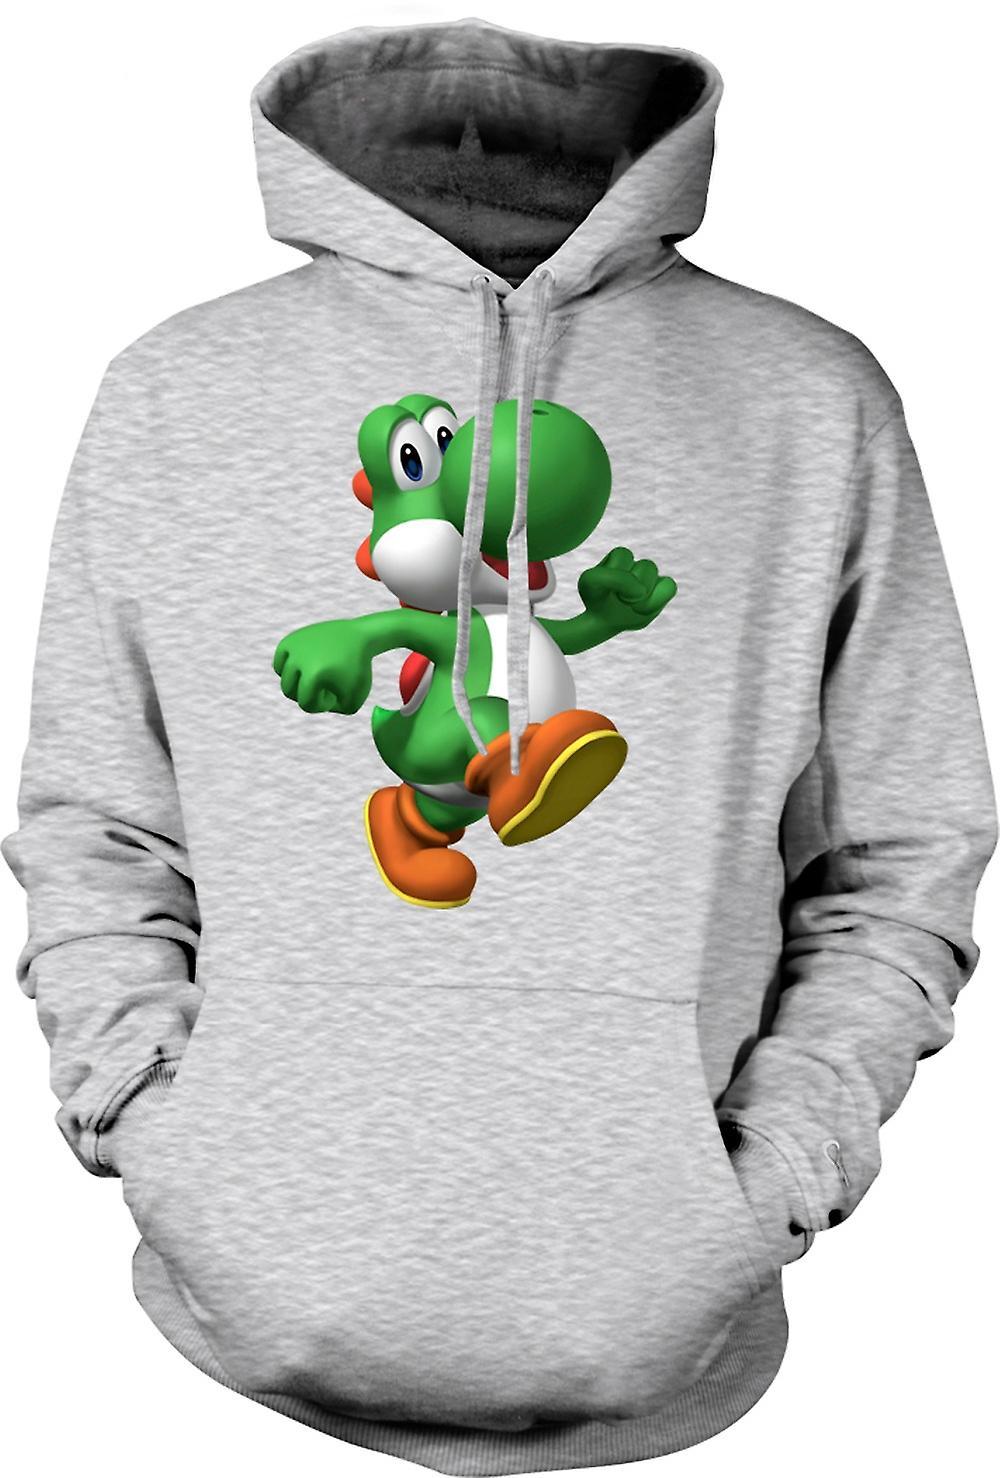 Para hombre con capucha - amo a Yoshi - Gamer